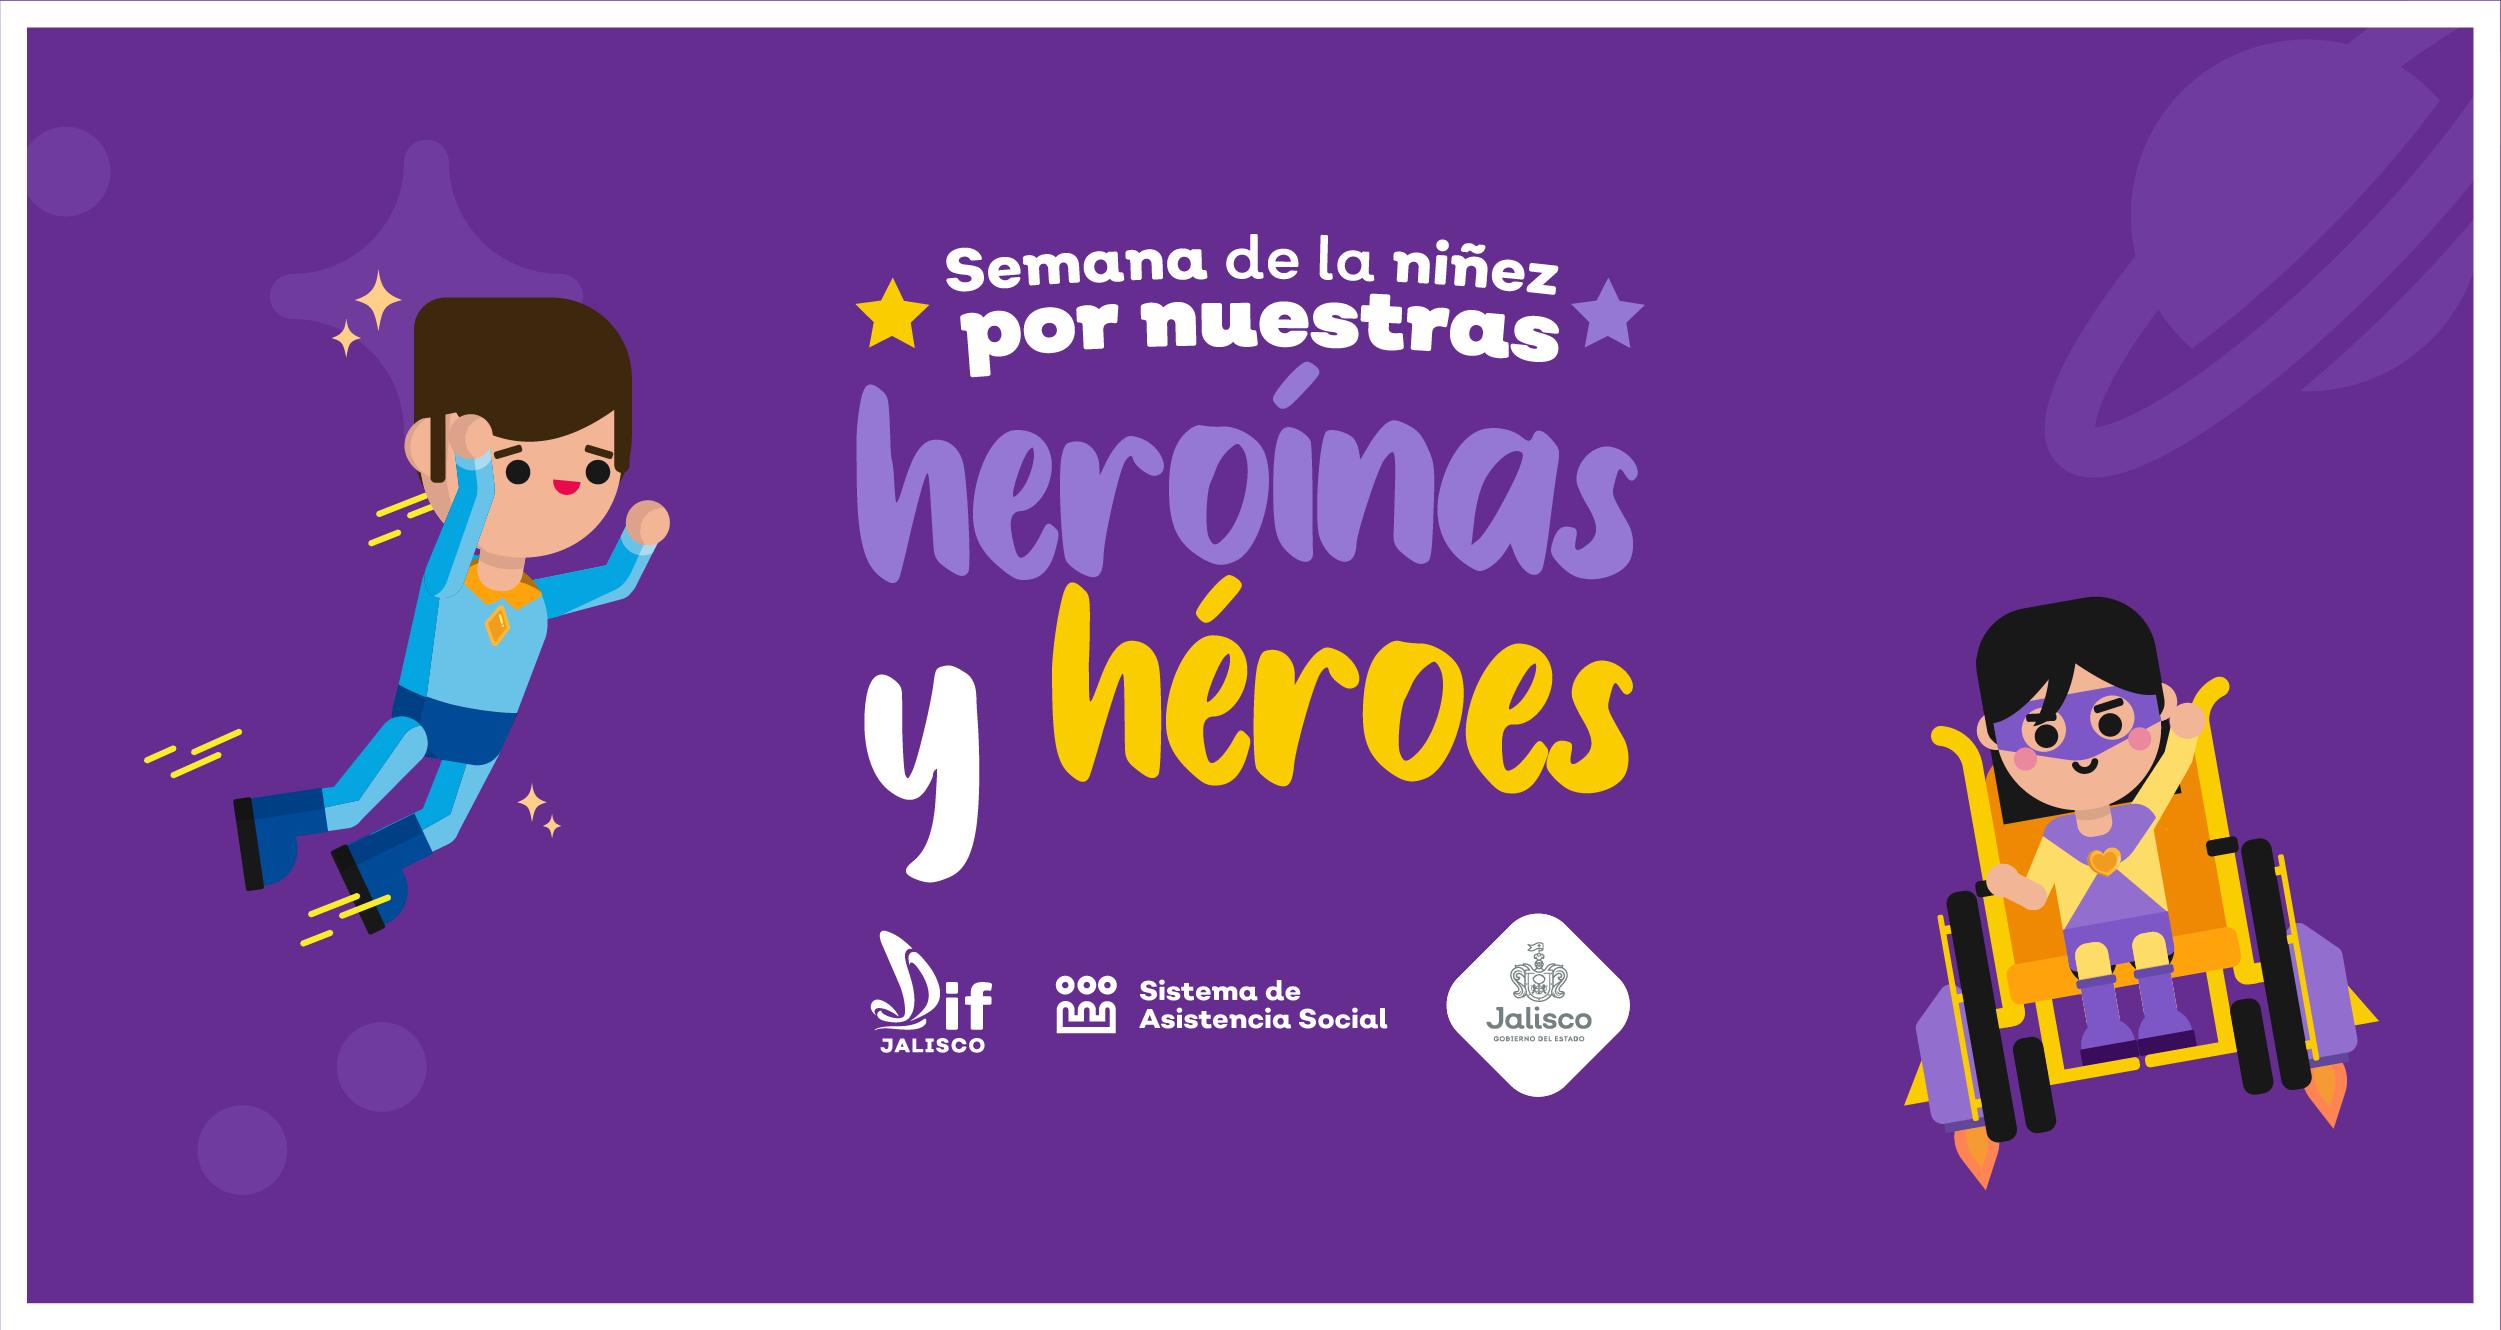 En Jalisco, celebramos el Día del Niño ¡toda una semana!